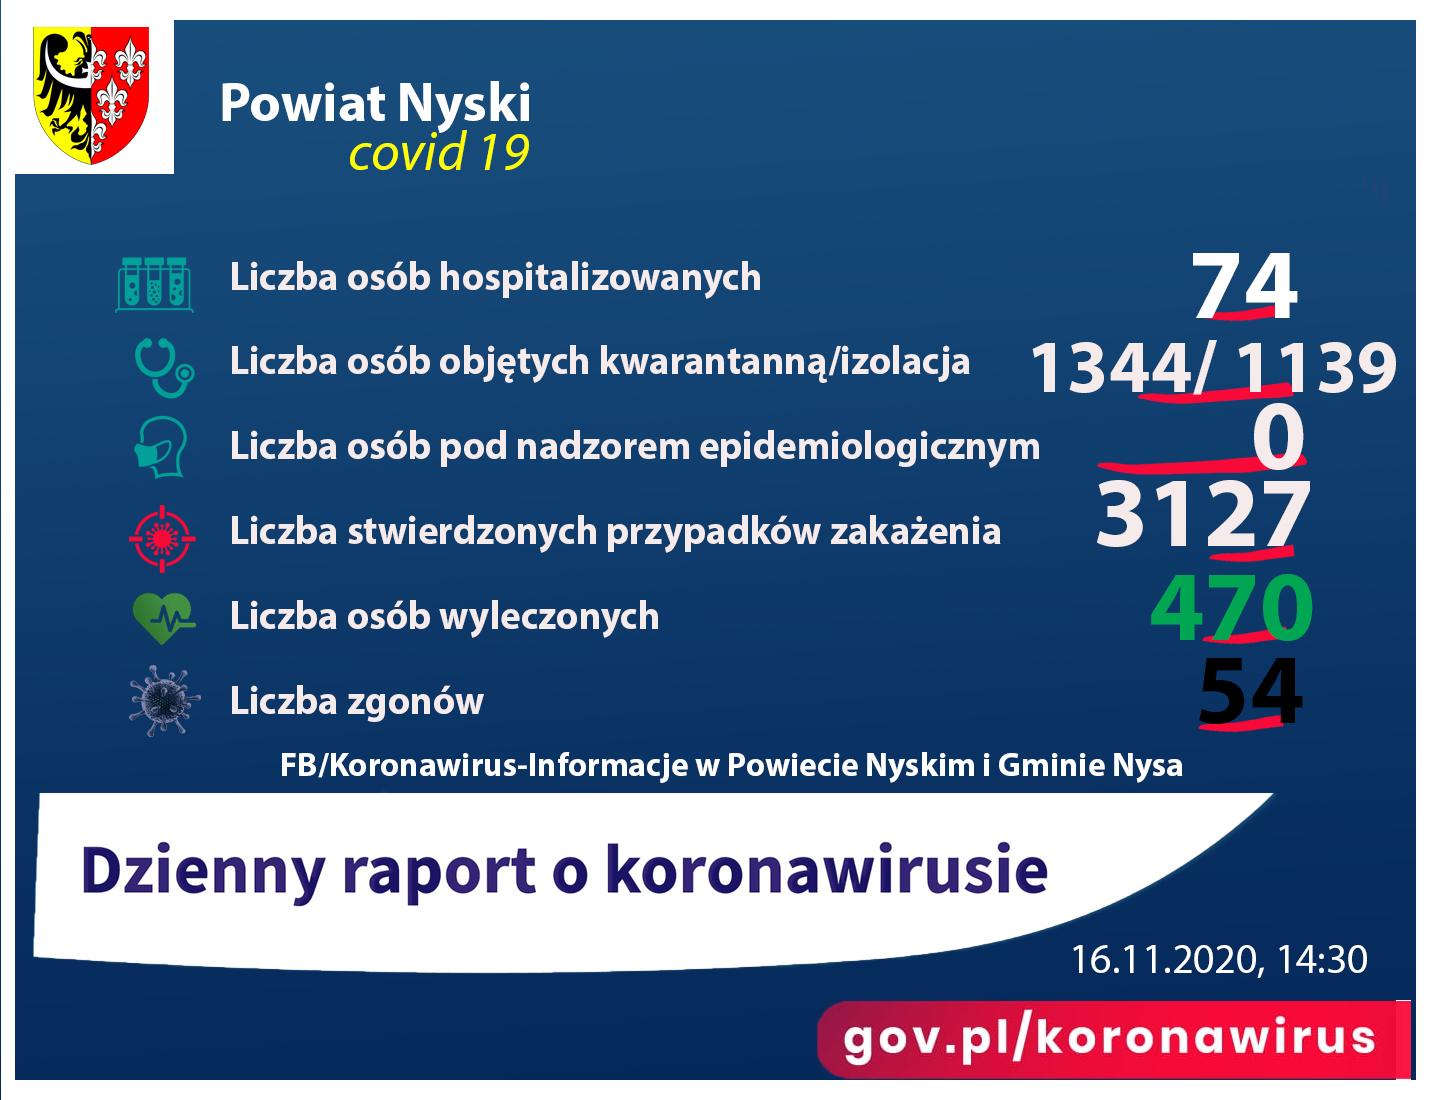 Liczba osób zakażonych 3127, hospitalizowanych - 74, ozdrowieńców - 470, zgonów 54